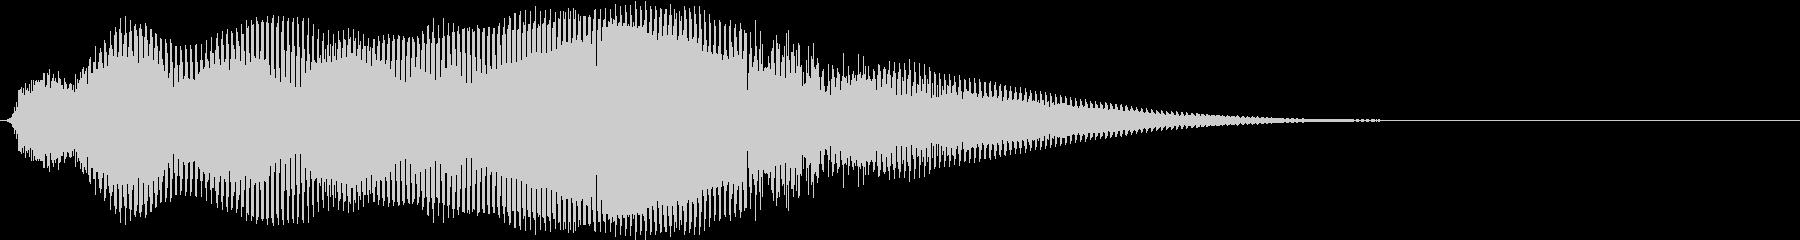 ダークな雰囲気_Fの未再生の波形